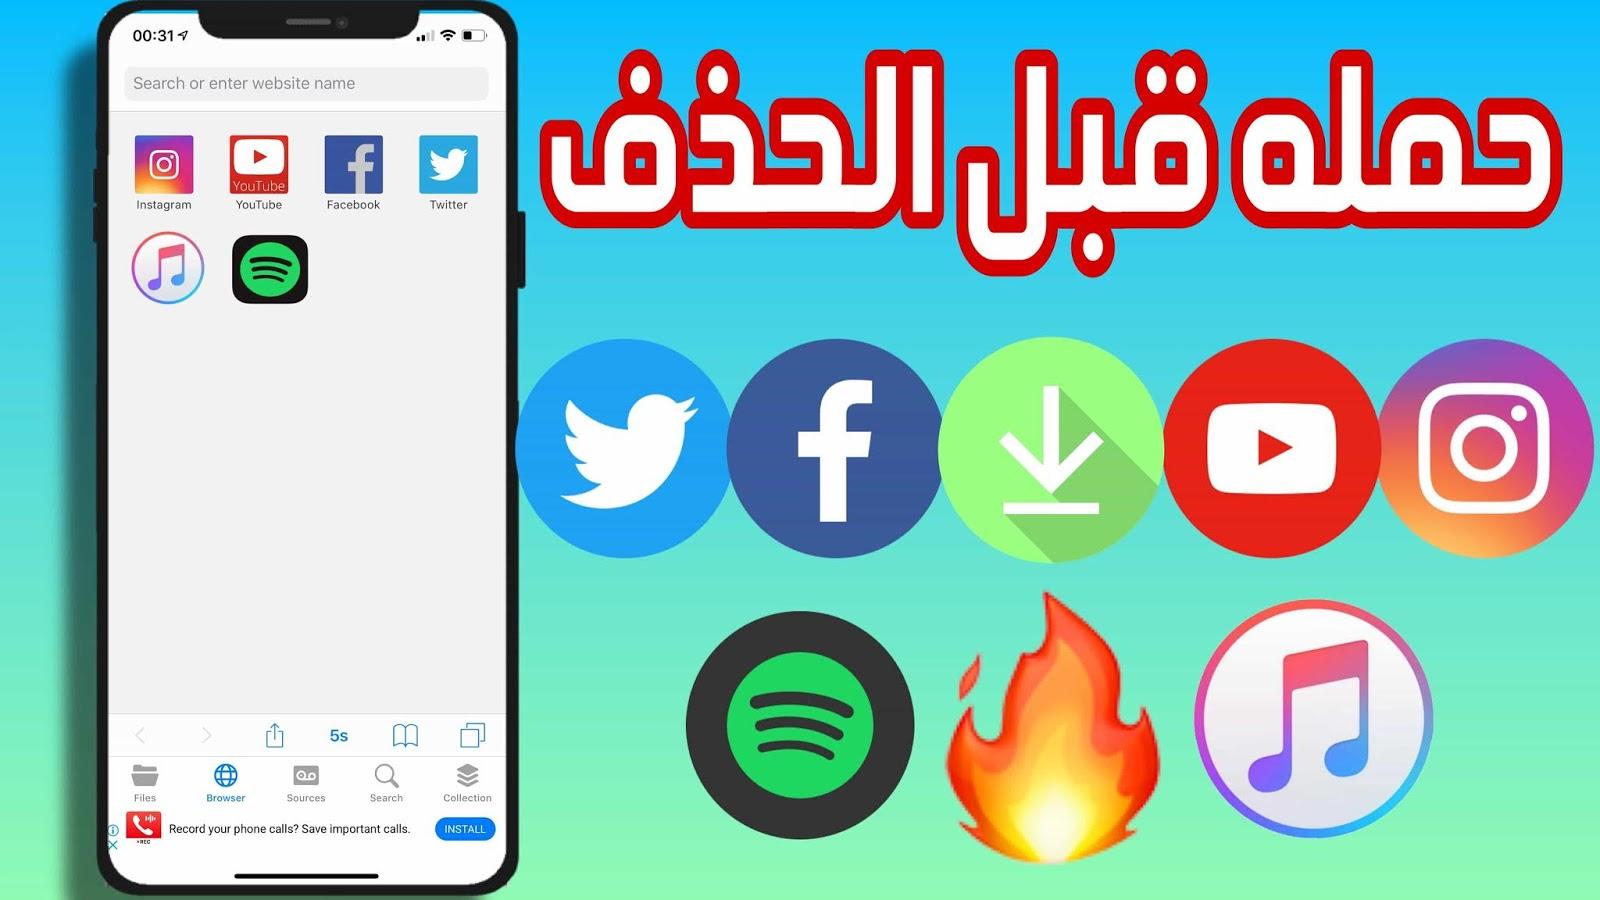 كيفي ة تحميل مقاطع الفيديو للايفون من اليوتيوب والفيس بوك و تويتر